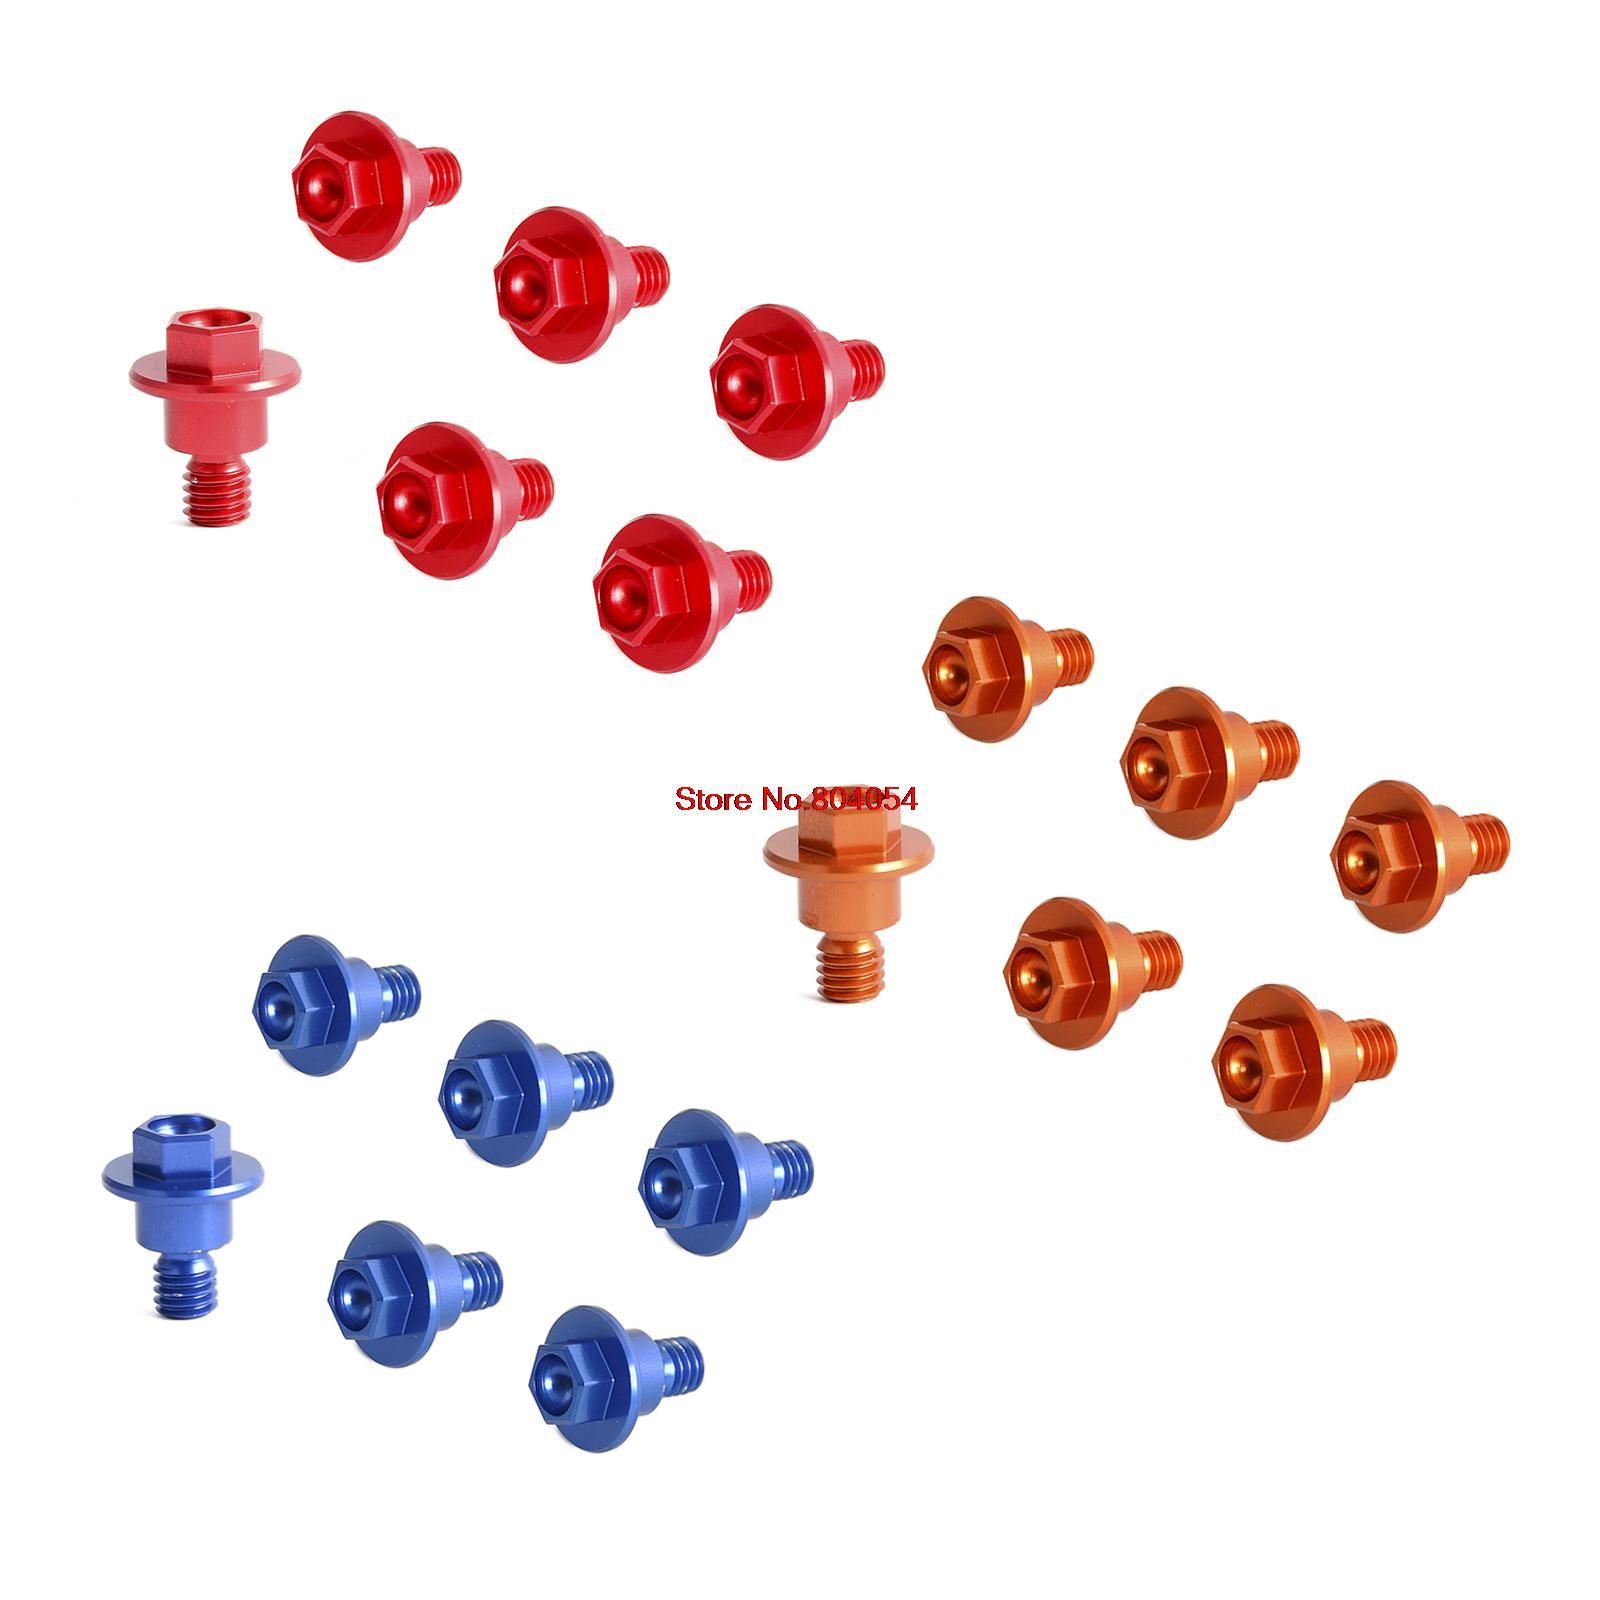 6 pièces Boulon Protection de Fourche Ensemble Pour KTM 65 85 SX 03-15 125 200 250 300 350 400 450 525 530 SX SXF XC XCF EXC EXCF XCW XCFW 2000-2016